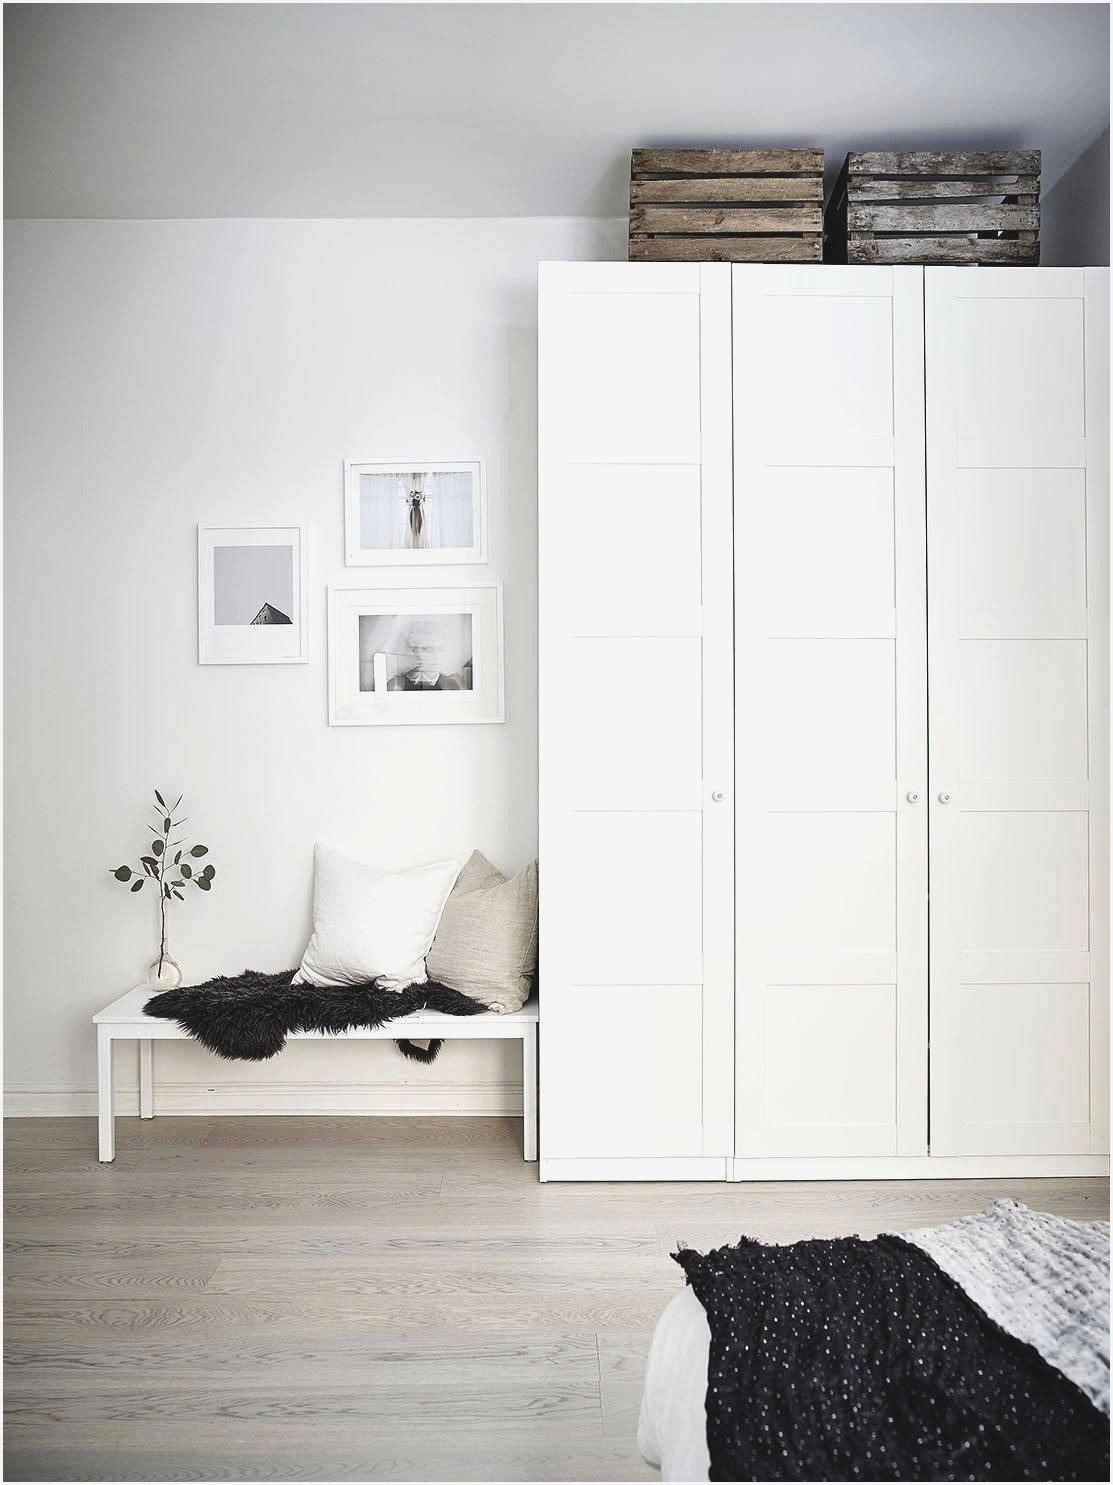 Full Size of Schrankbett Ikea Preis 180x200 Vertikal 140 X 200 Kaufen Selber Bauen 90x200 Bei Hack Schweiz Schlafzimmer Bett Mei 2019 Sofa Mit Schlaffunktion Betten Wohnzimmer Schrankbett Ikea